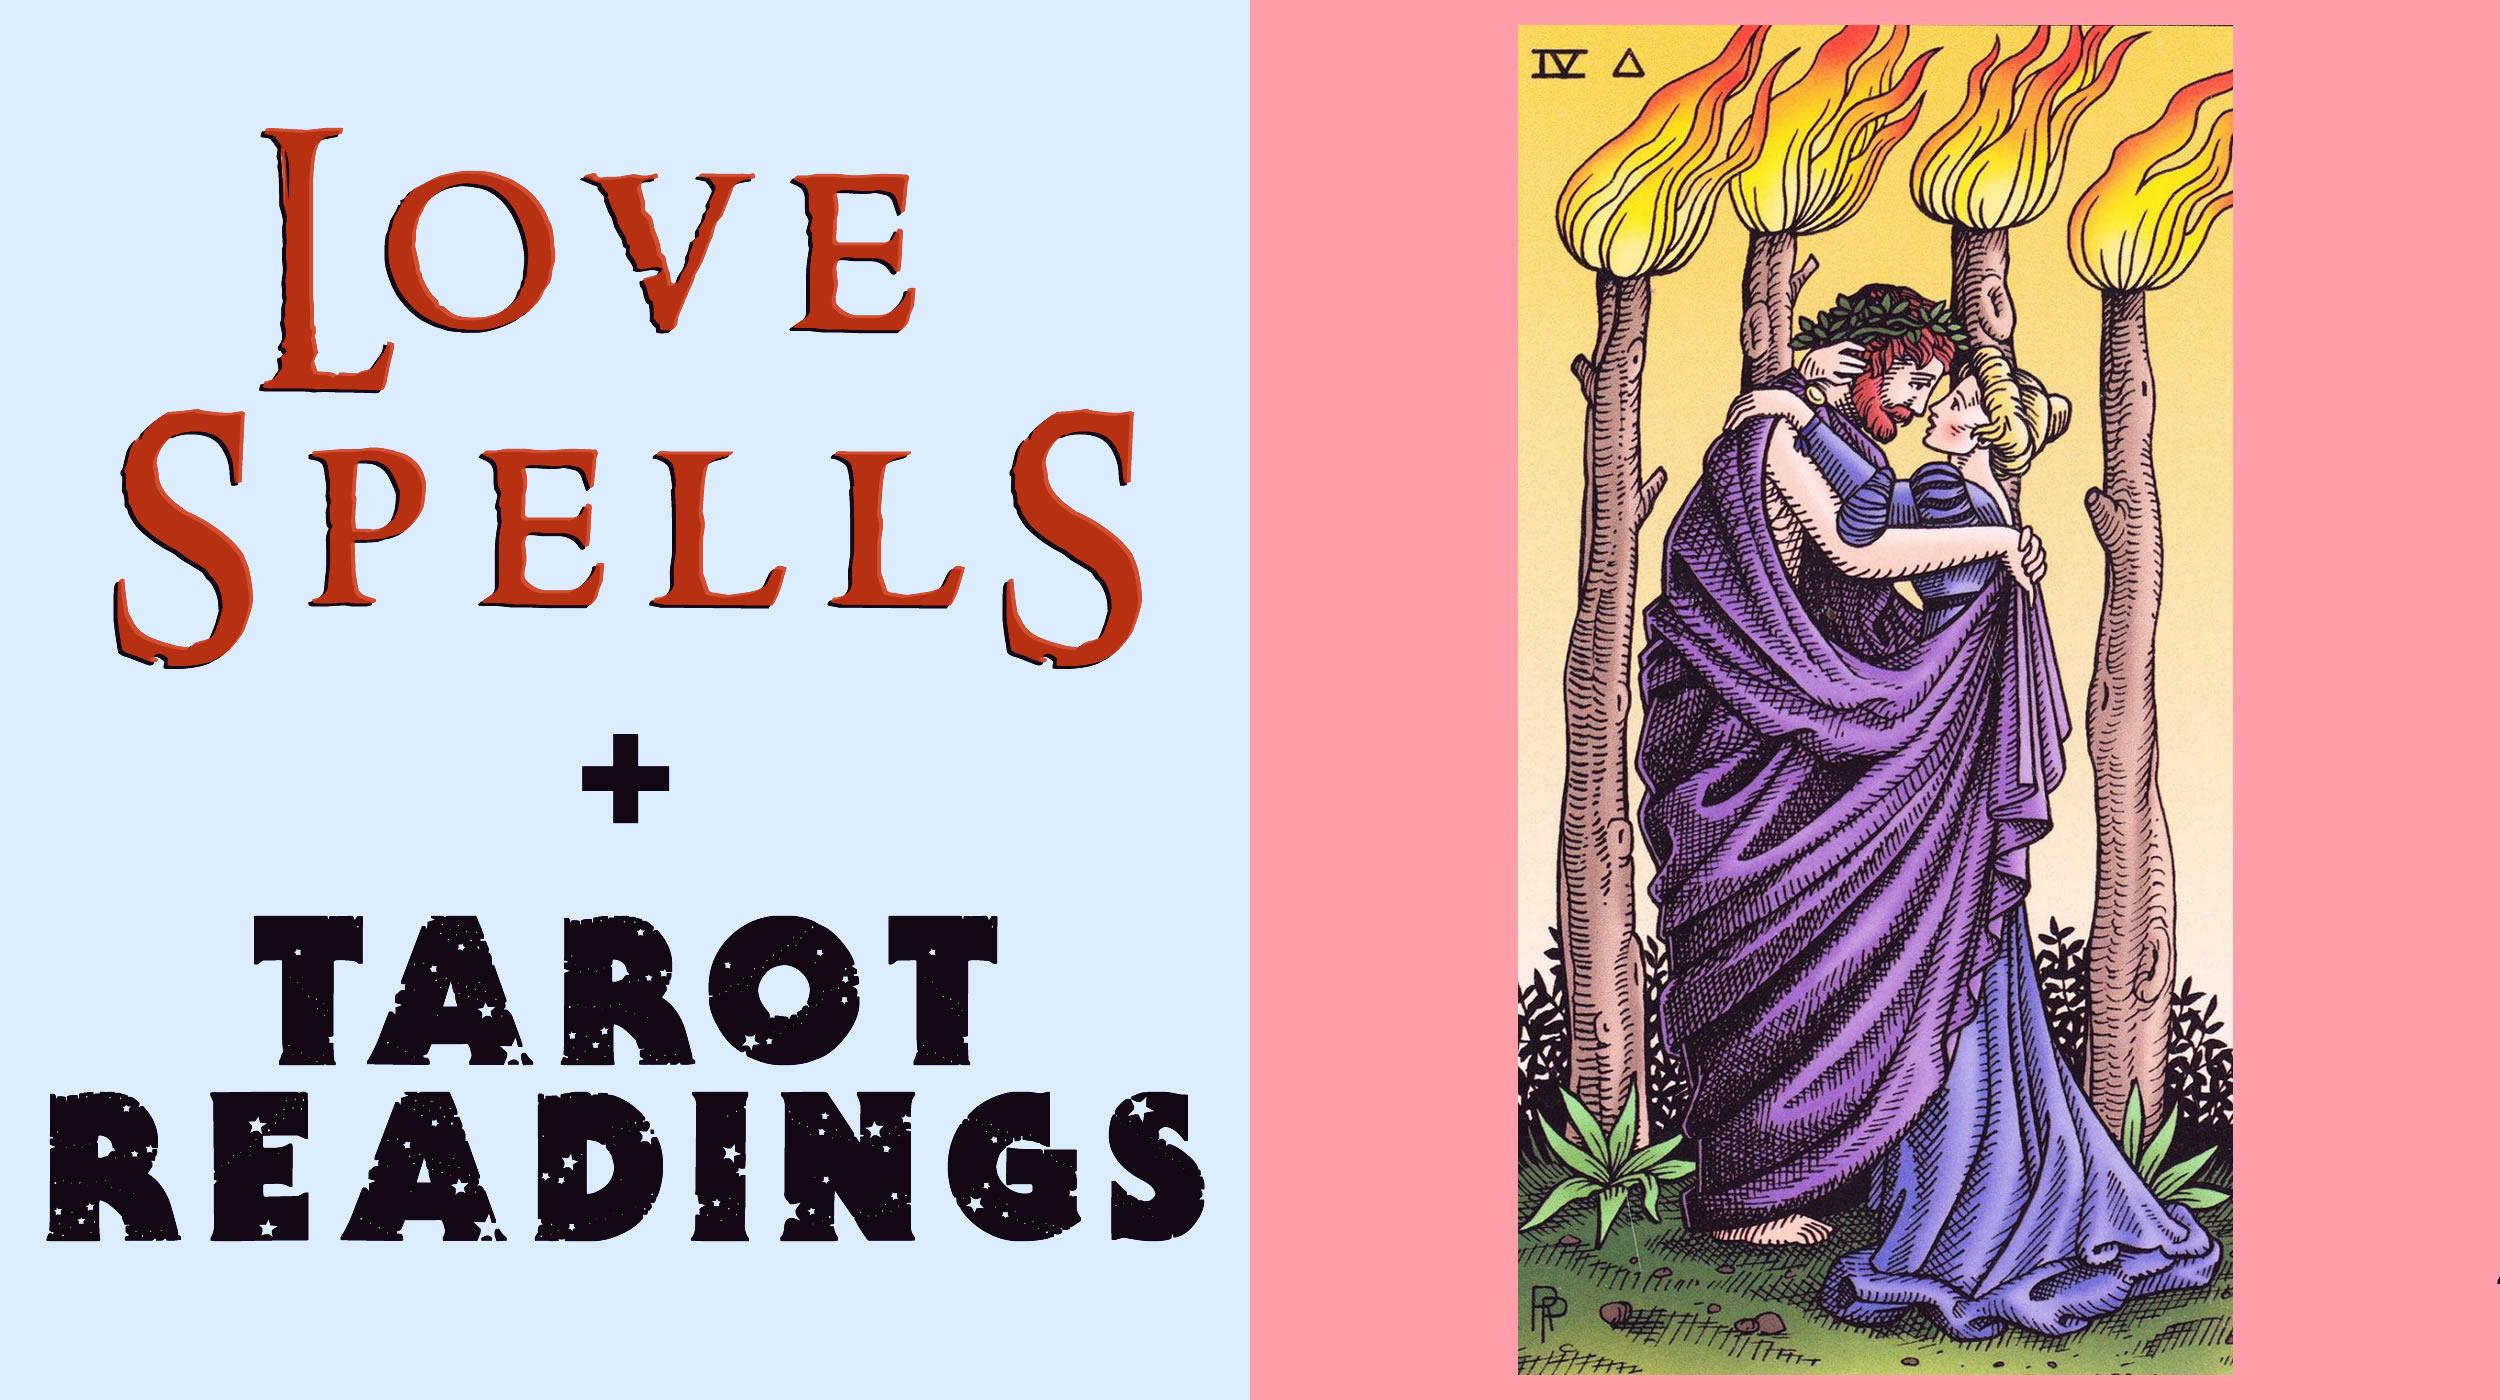 the lovers spell austin tarot reader v2.2.jpg